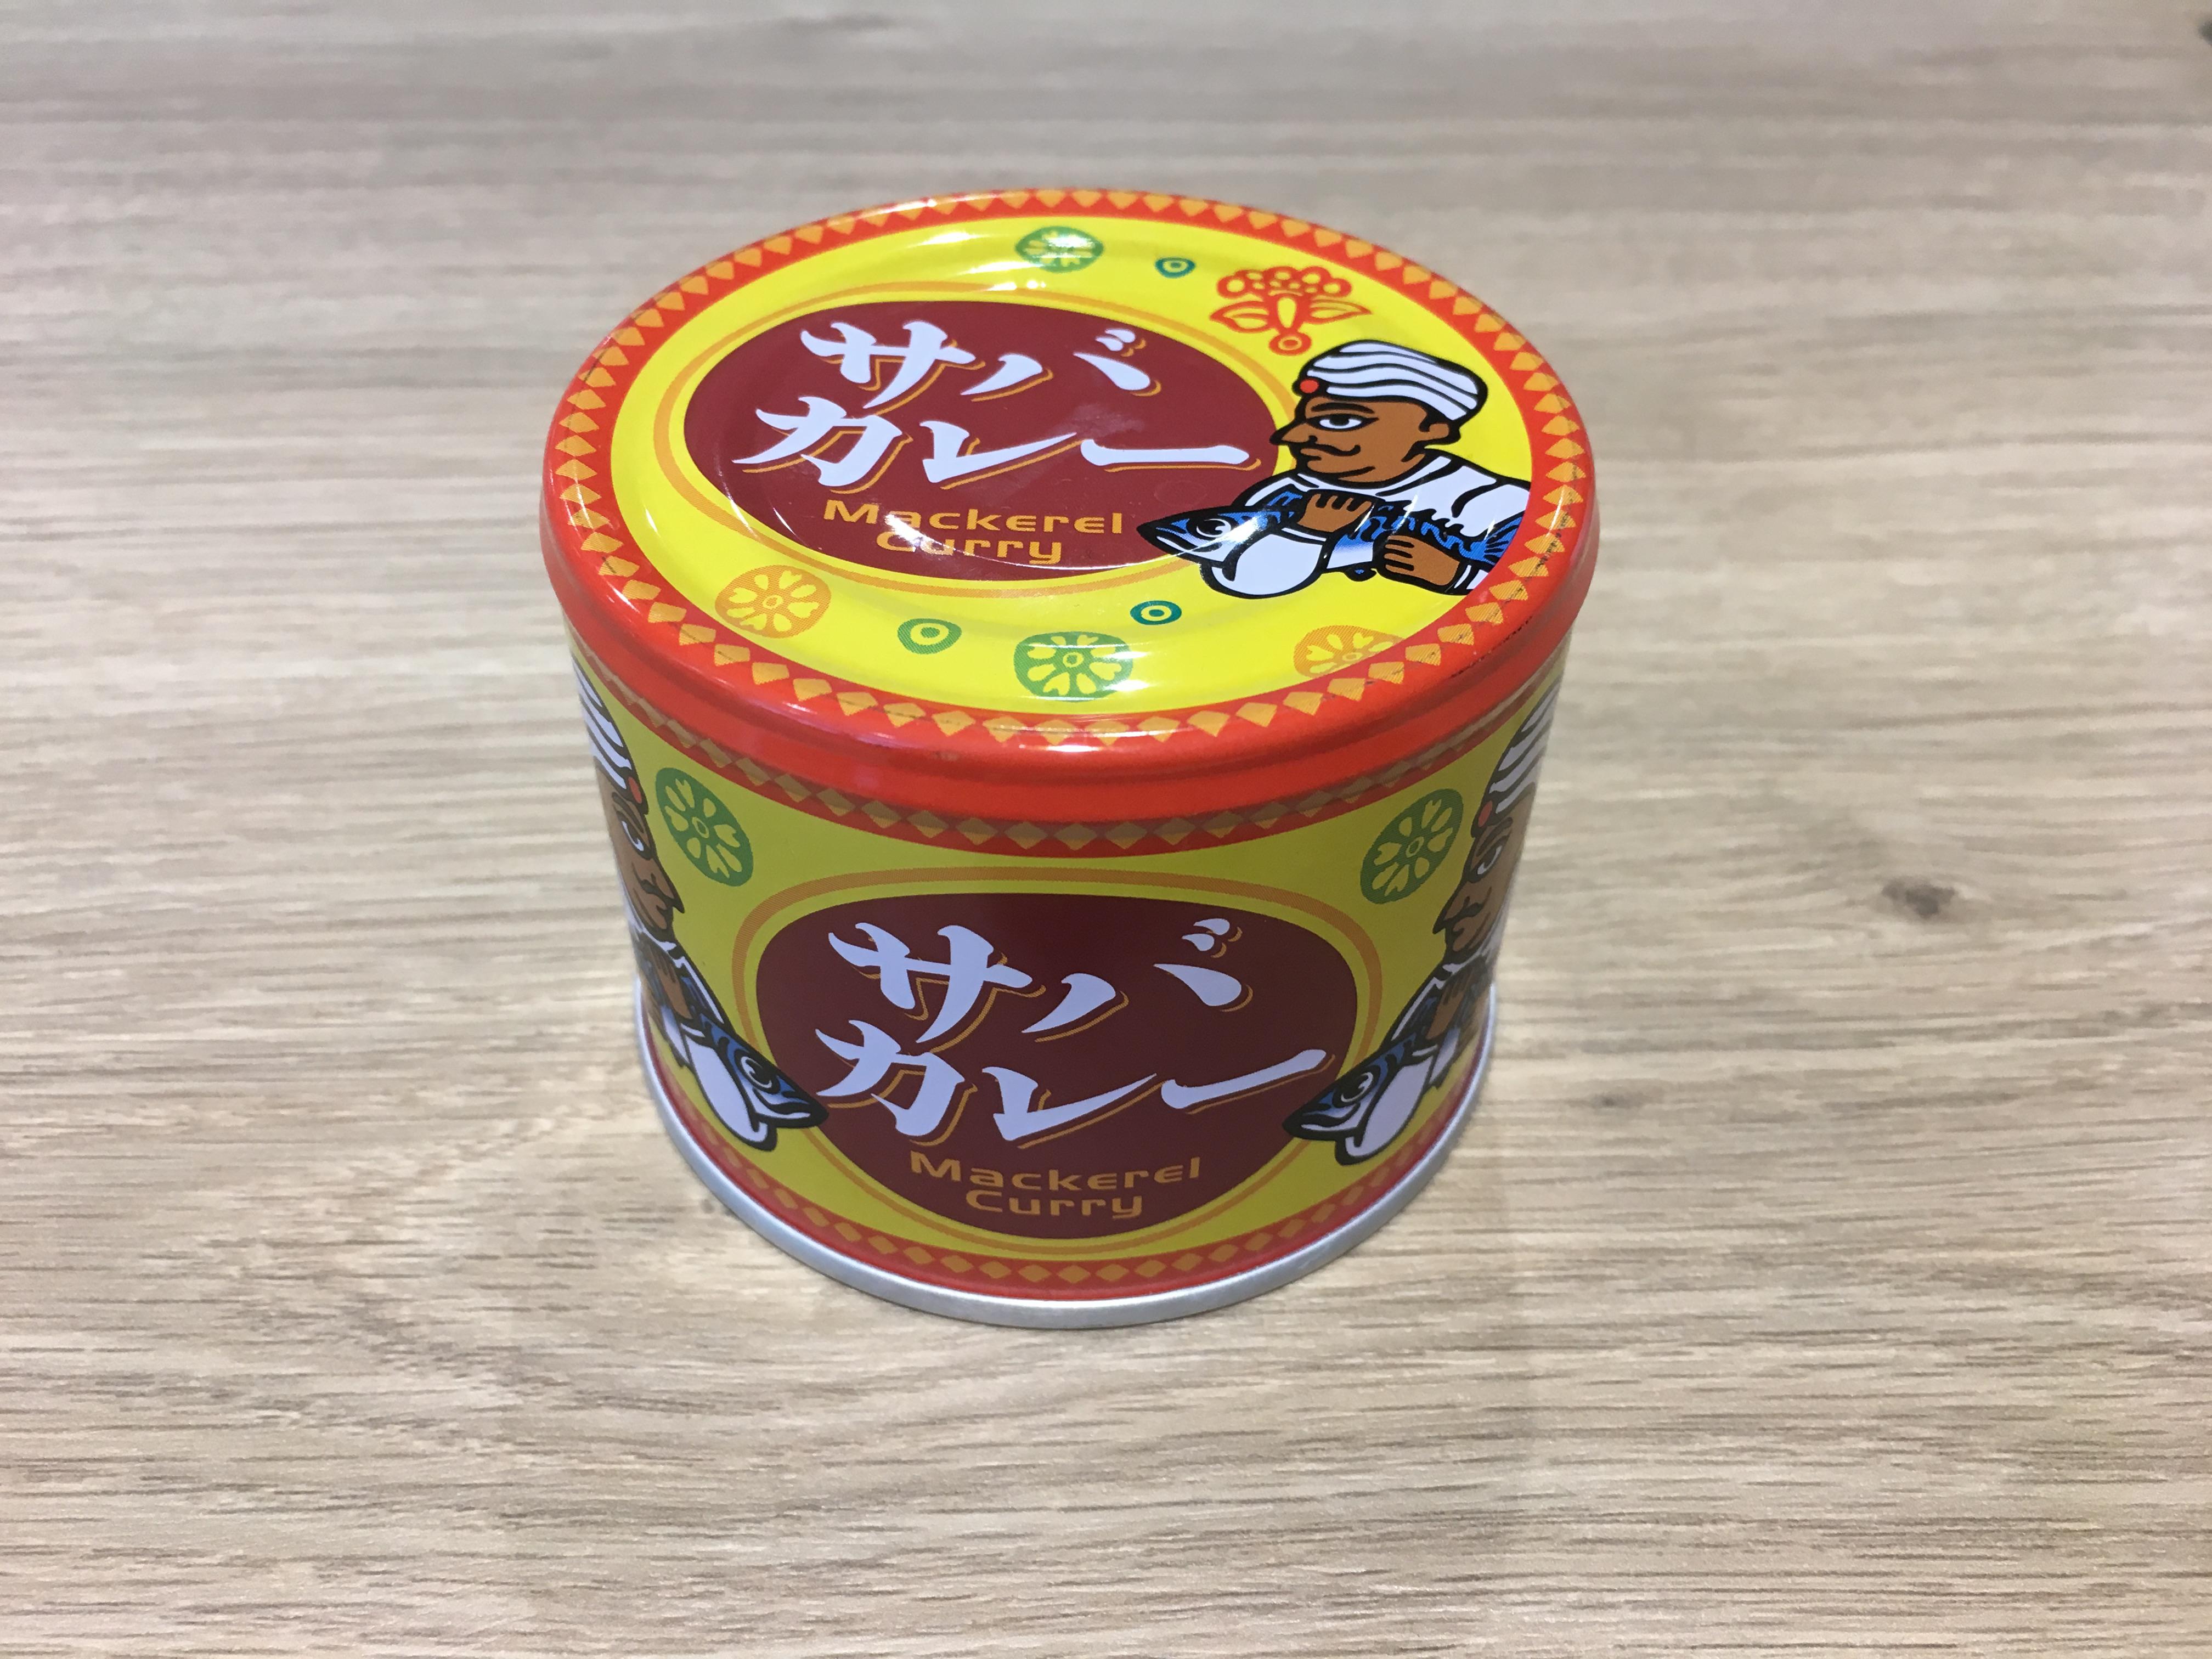 信田缶詰 サバカレー 味 レビュー